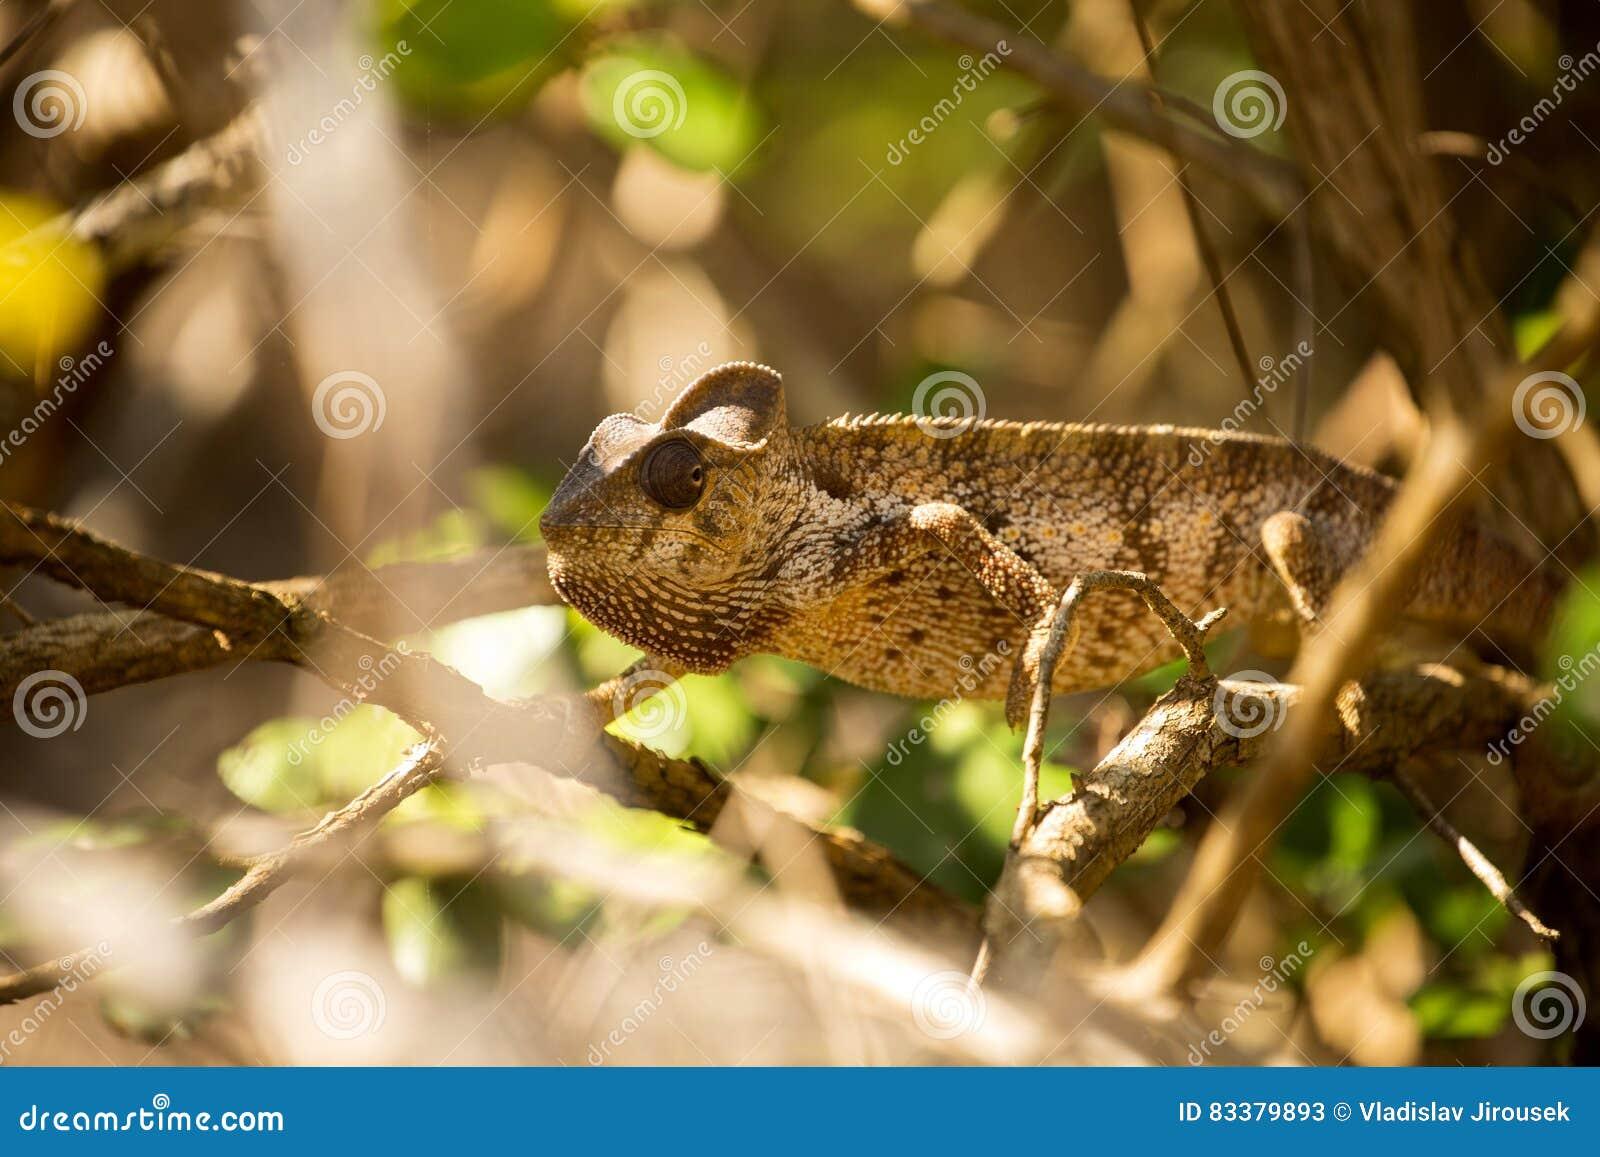 El camaleón del ` s de Petter, Furcifer Petteri es relativamente abundante en las zonas costeras de Madagascar septentrional